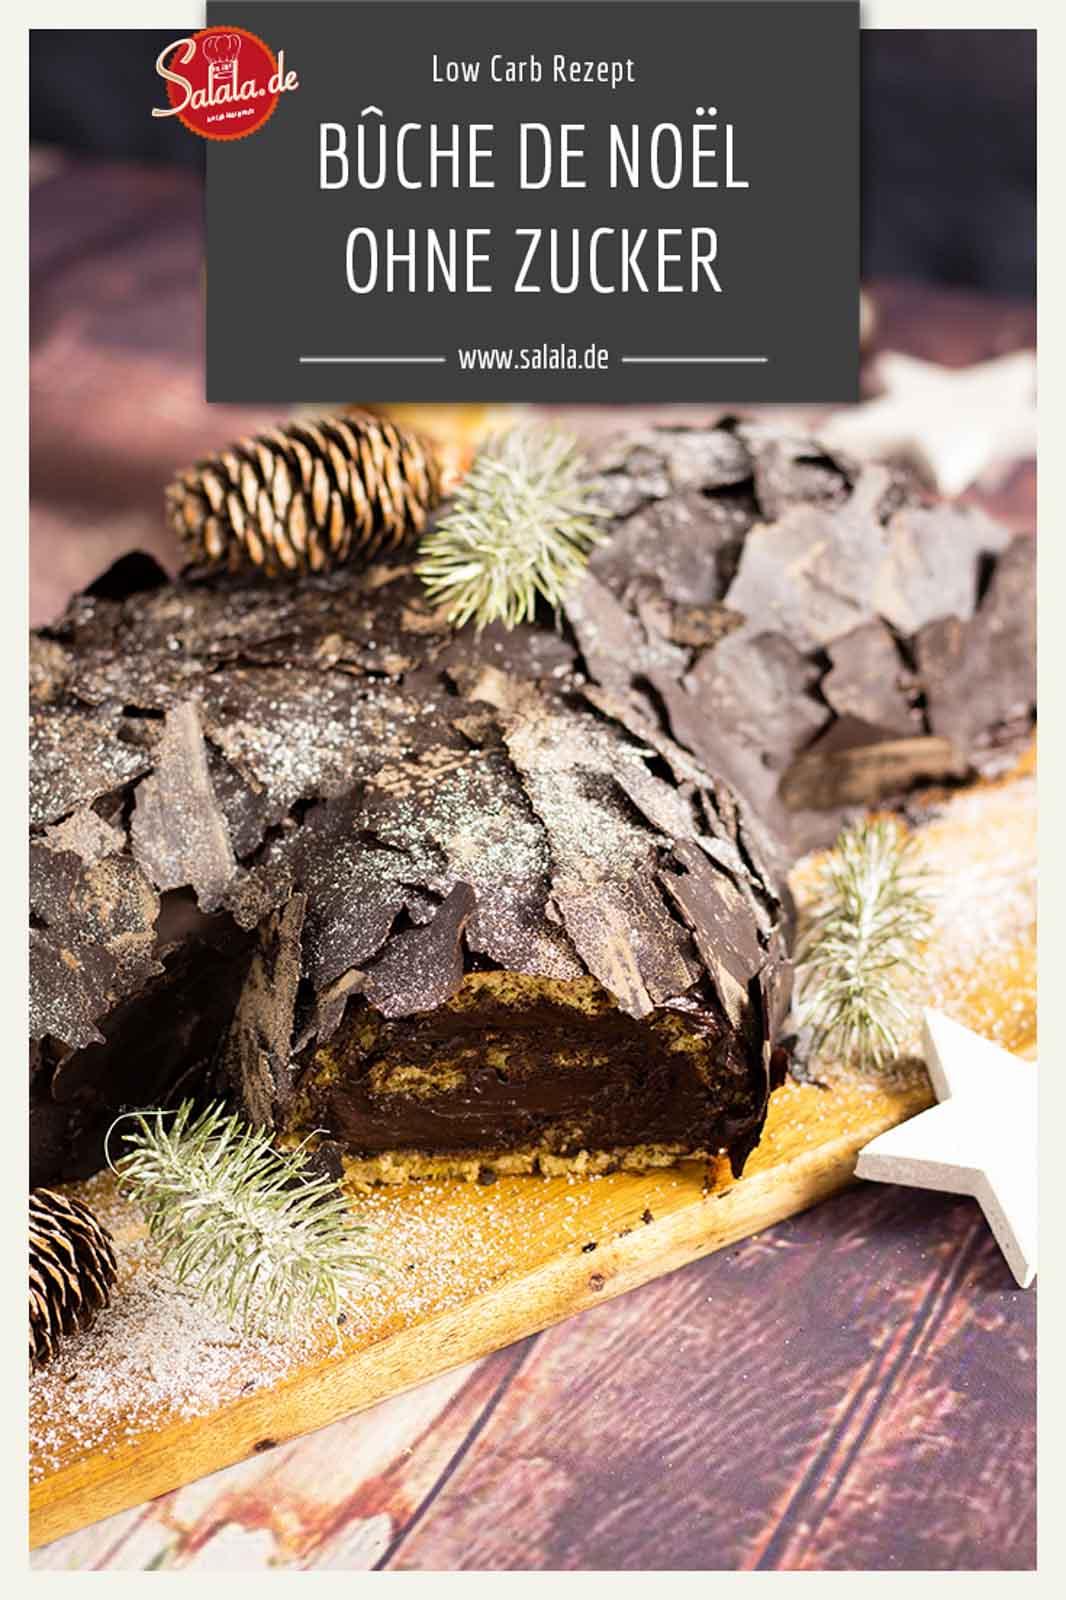 Bûche de Noël Rezept ohne Mehl und Zucker - by salala.de - Weihnachtskuchen Low Carb als Dessert Baumstamm